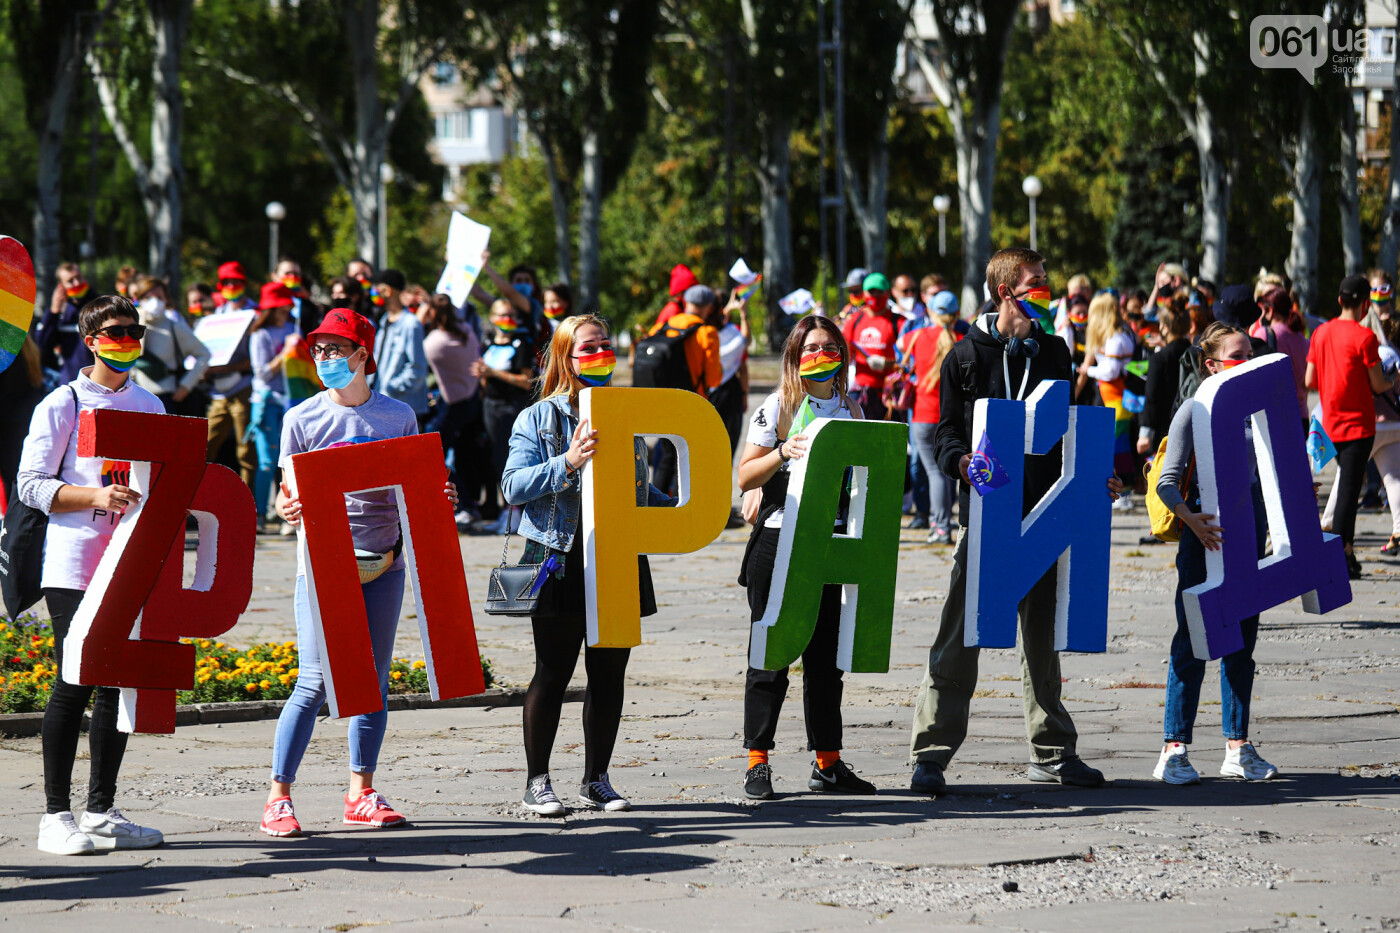 ЛГБТ-прайд, эко-митинг и восстановленные скульптуры в сквере Пионеров: сентябрь в фотографиях , фото-99